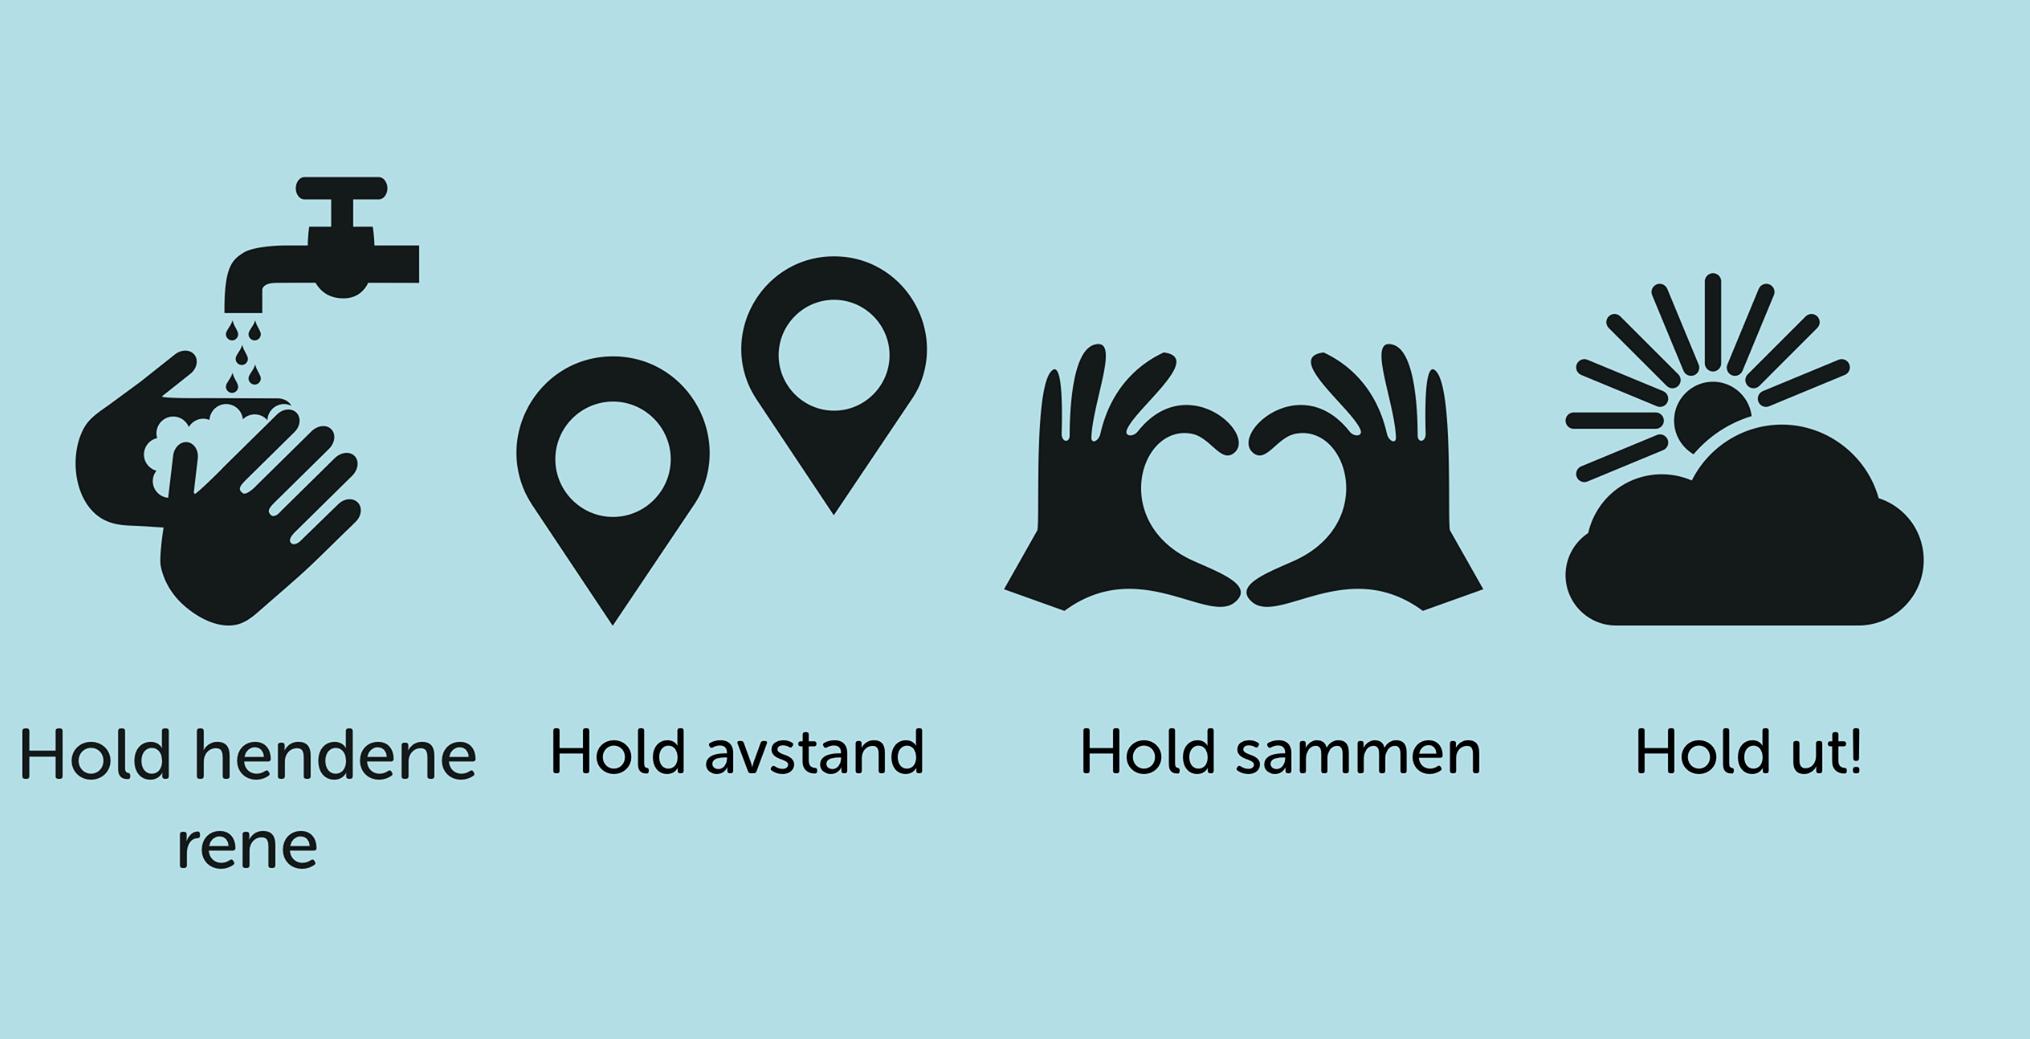 Fire ikoner på blå bakgrunn som fra venstre viser et par hender som vaskes under en kran, to markører, et par hender som former et hjerte med fingrene og en sol som kommer delvis fram bak en sky. Fra venstre under hvert ikon står det hold hendene rene